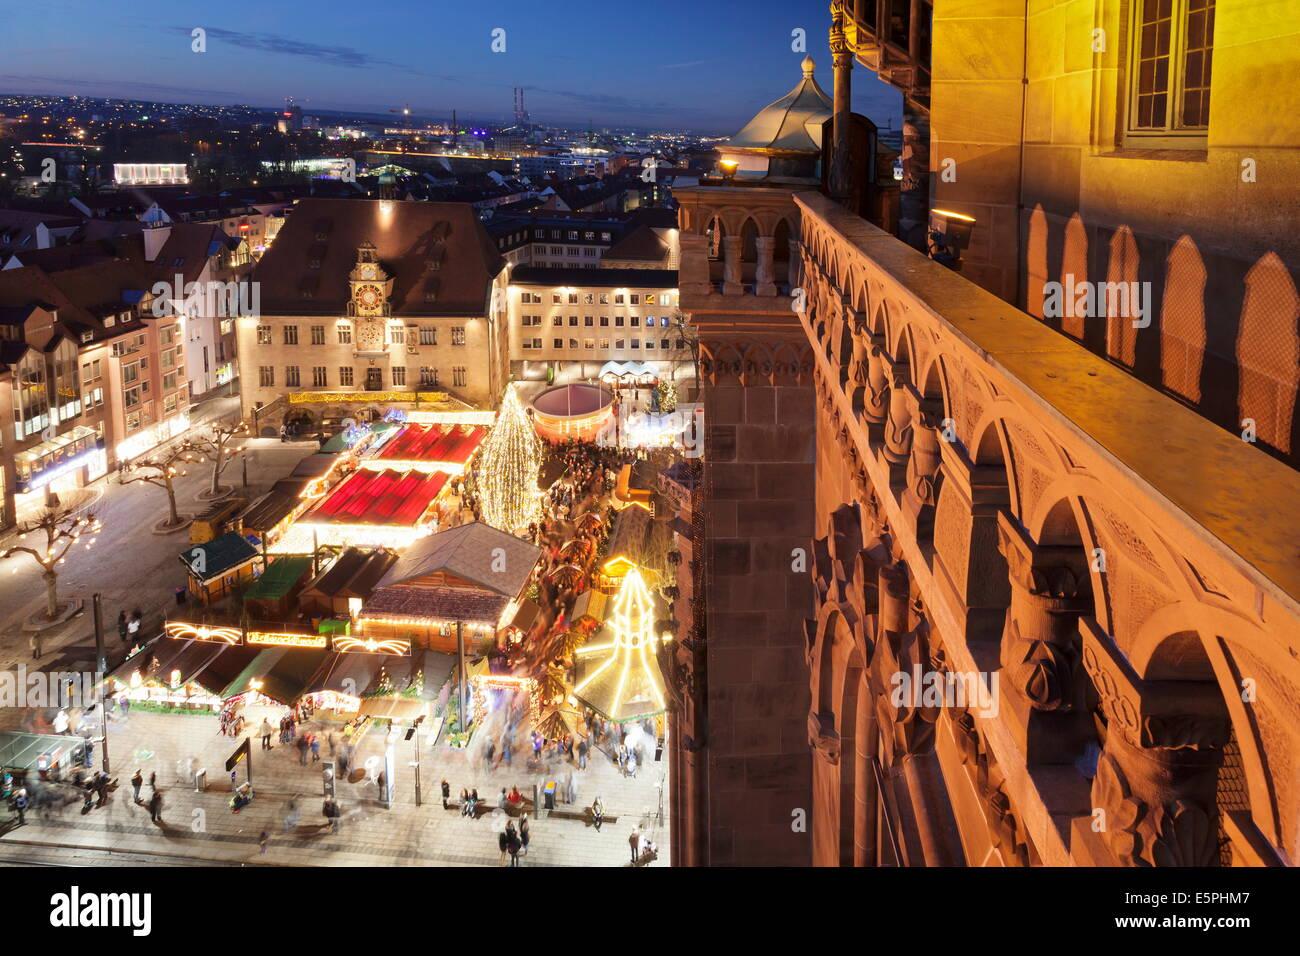 Weihnachtsmarkt Heilbronn.Blick Vom Kilianskirche Kirche Der Weihnachtsmarkt In Den Marktplatz